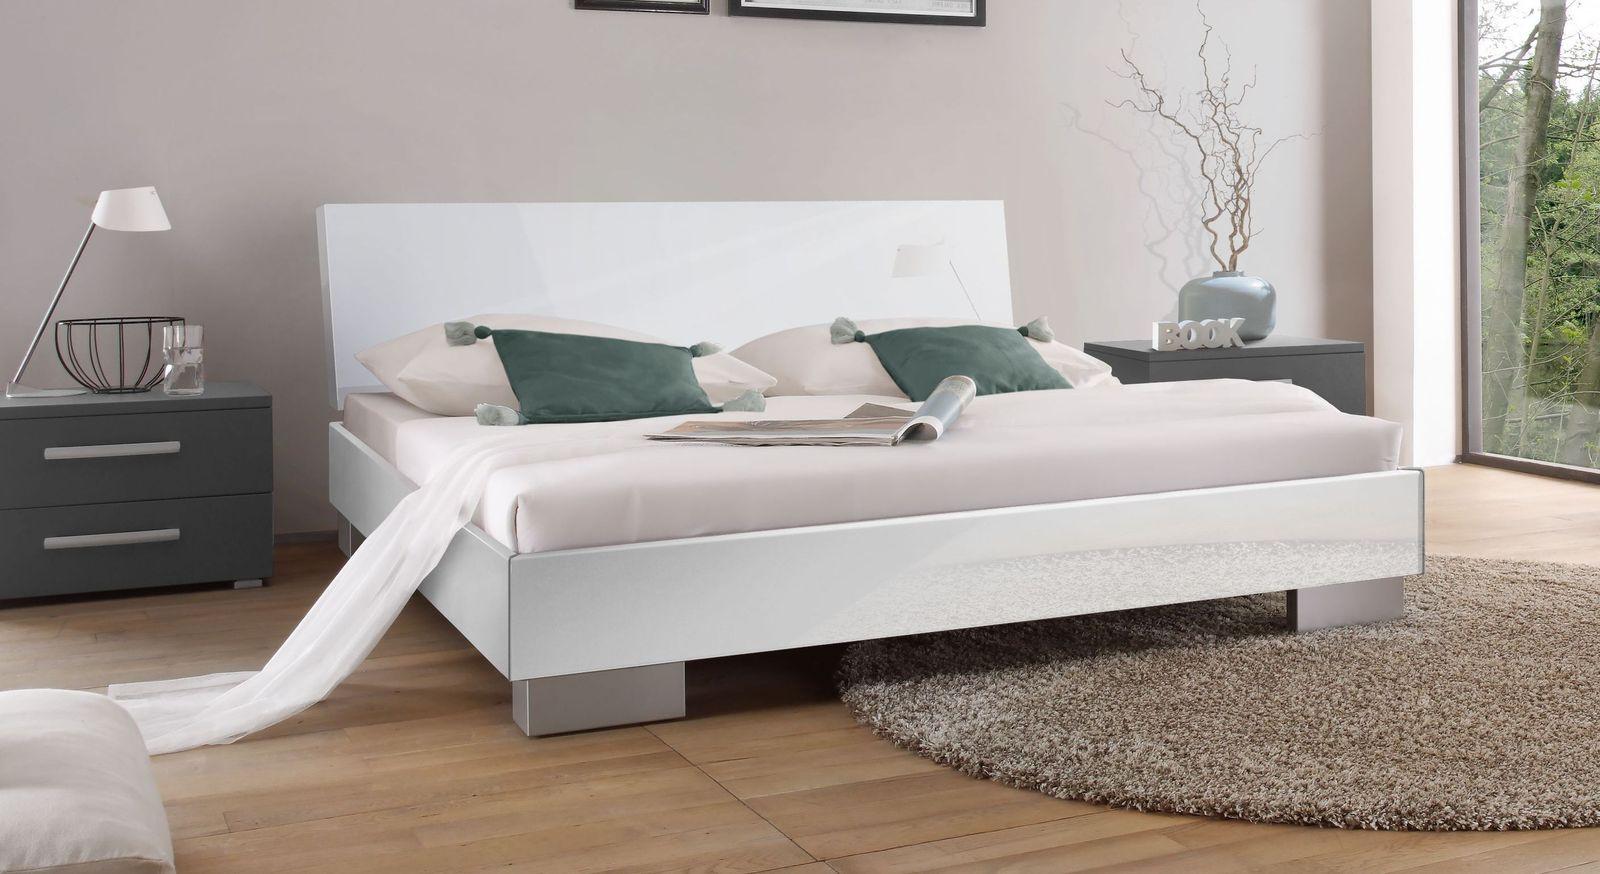 Full Size of Designer Betten Bett In Hochglanz Wei Piceno Bettende 200x220 Japanische Günstig Kaufen Düsseldorf 140x200 Mannheim Rauch Somnus Bonprix 160x200 Ebay Bett Designer Betten